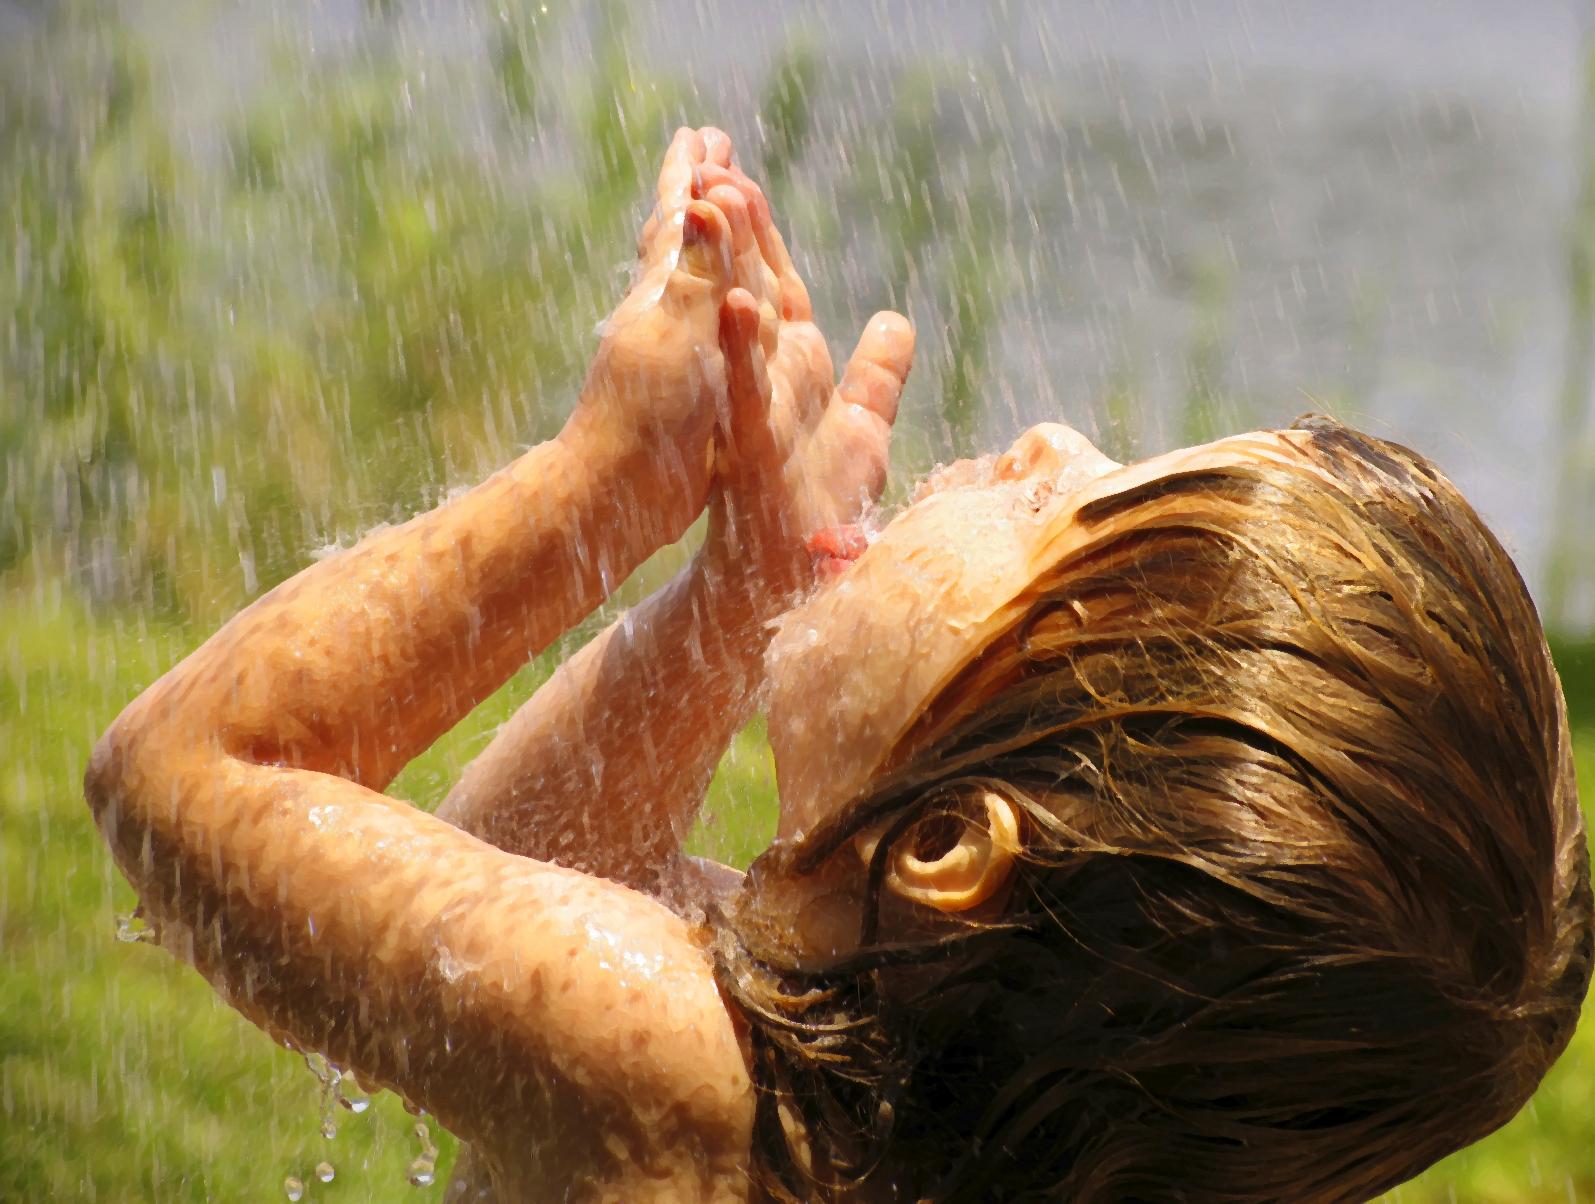 http://1.bp.blogspot.com/-ZsRmL5F9hLQ/TaWM_LVGcAI/AAAAAAAAA88/5vis8hqe7fQ/s1600/girl-in-rain1.jpg